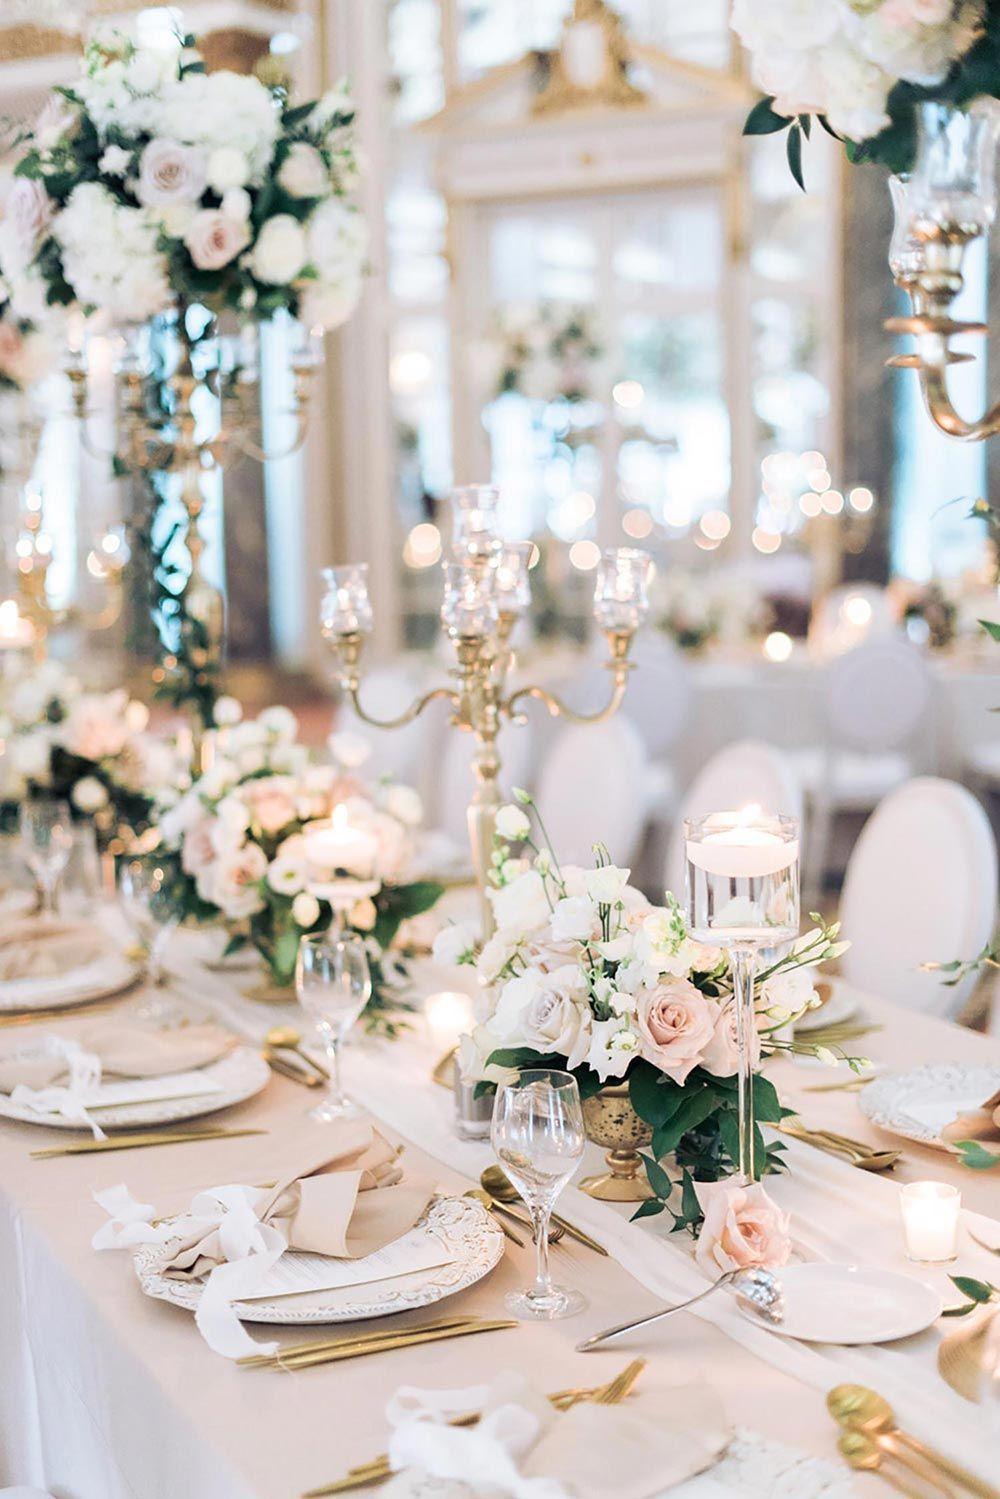 Luxuriöse Chateau Laurier-Hochzeit mit dem Blumentunnel, gekräuselt   – Wedding table decorations